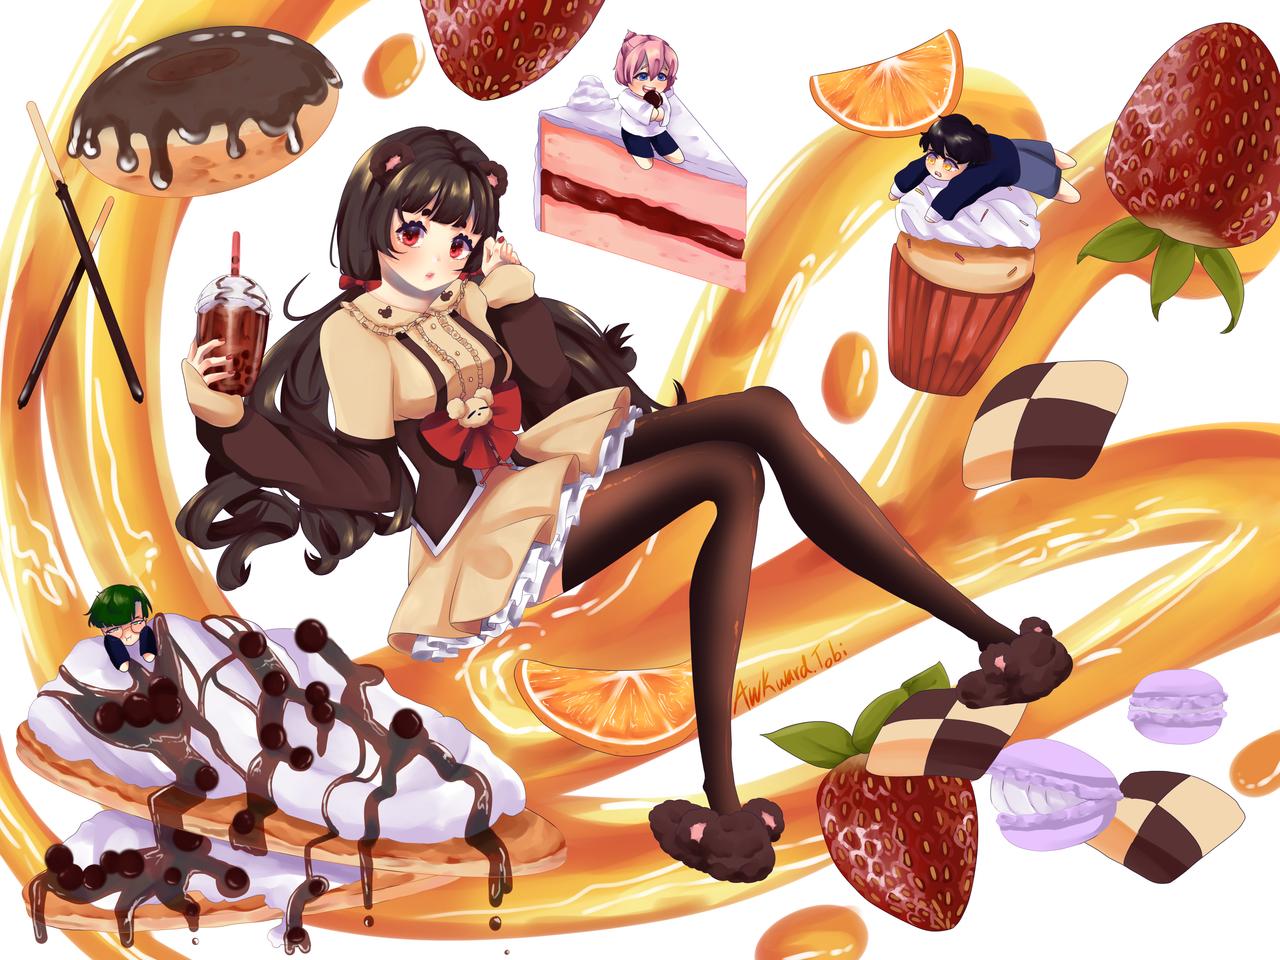 Honeybear Illust of AwkwardTobi food